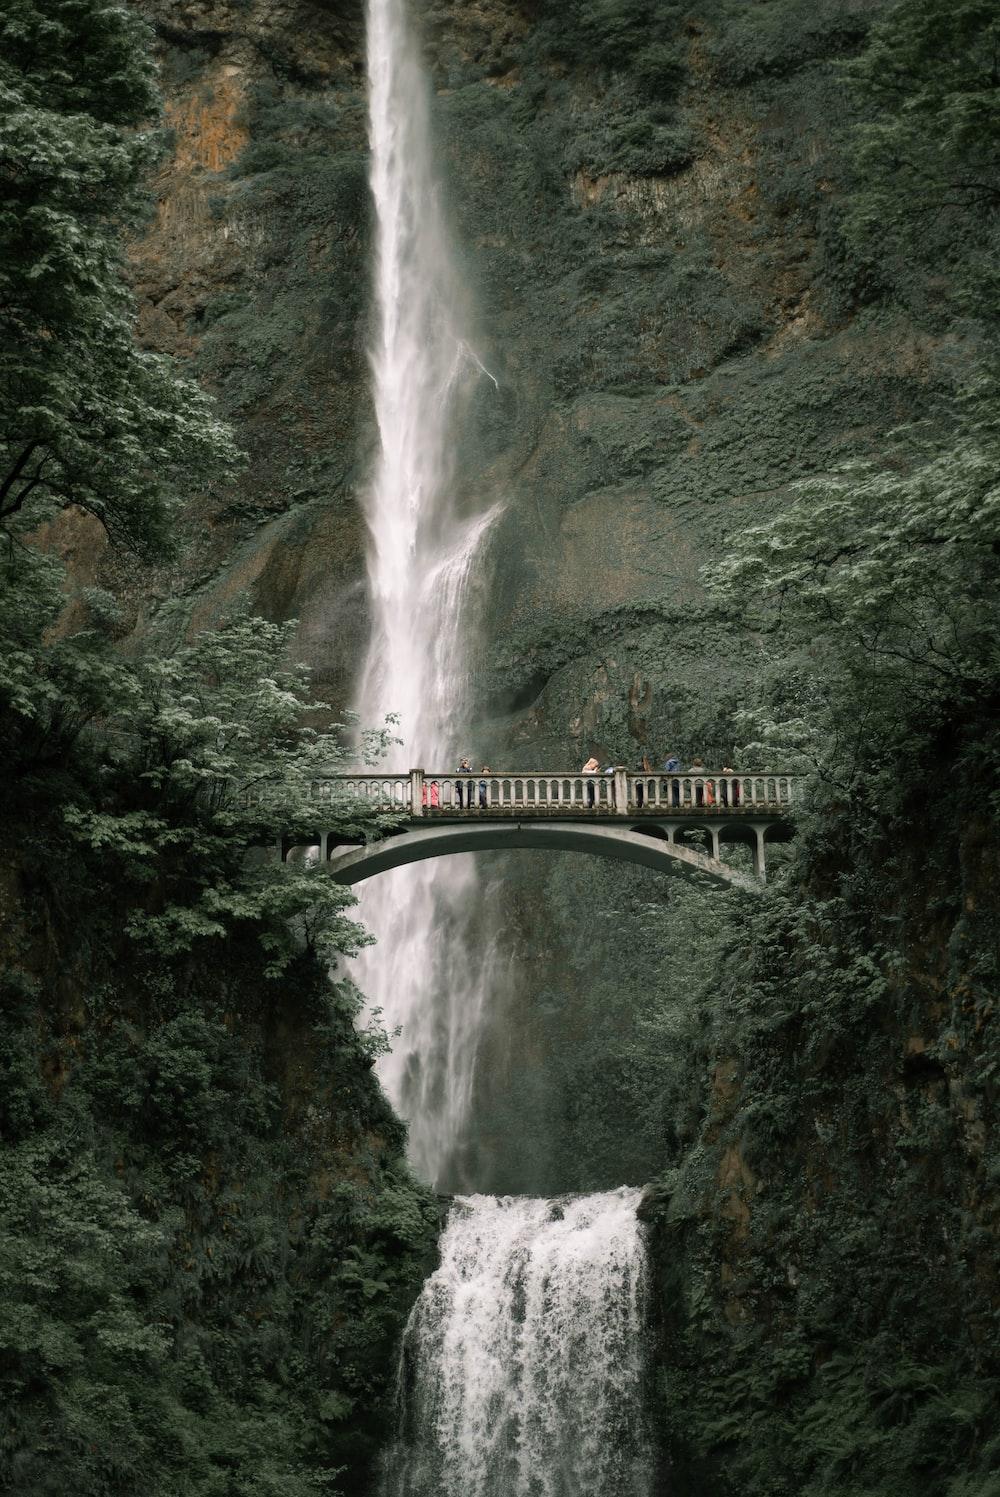 green bridge over waterfalls during daytime